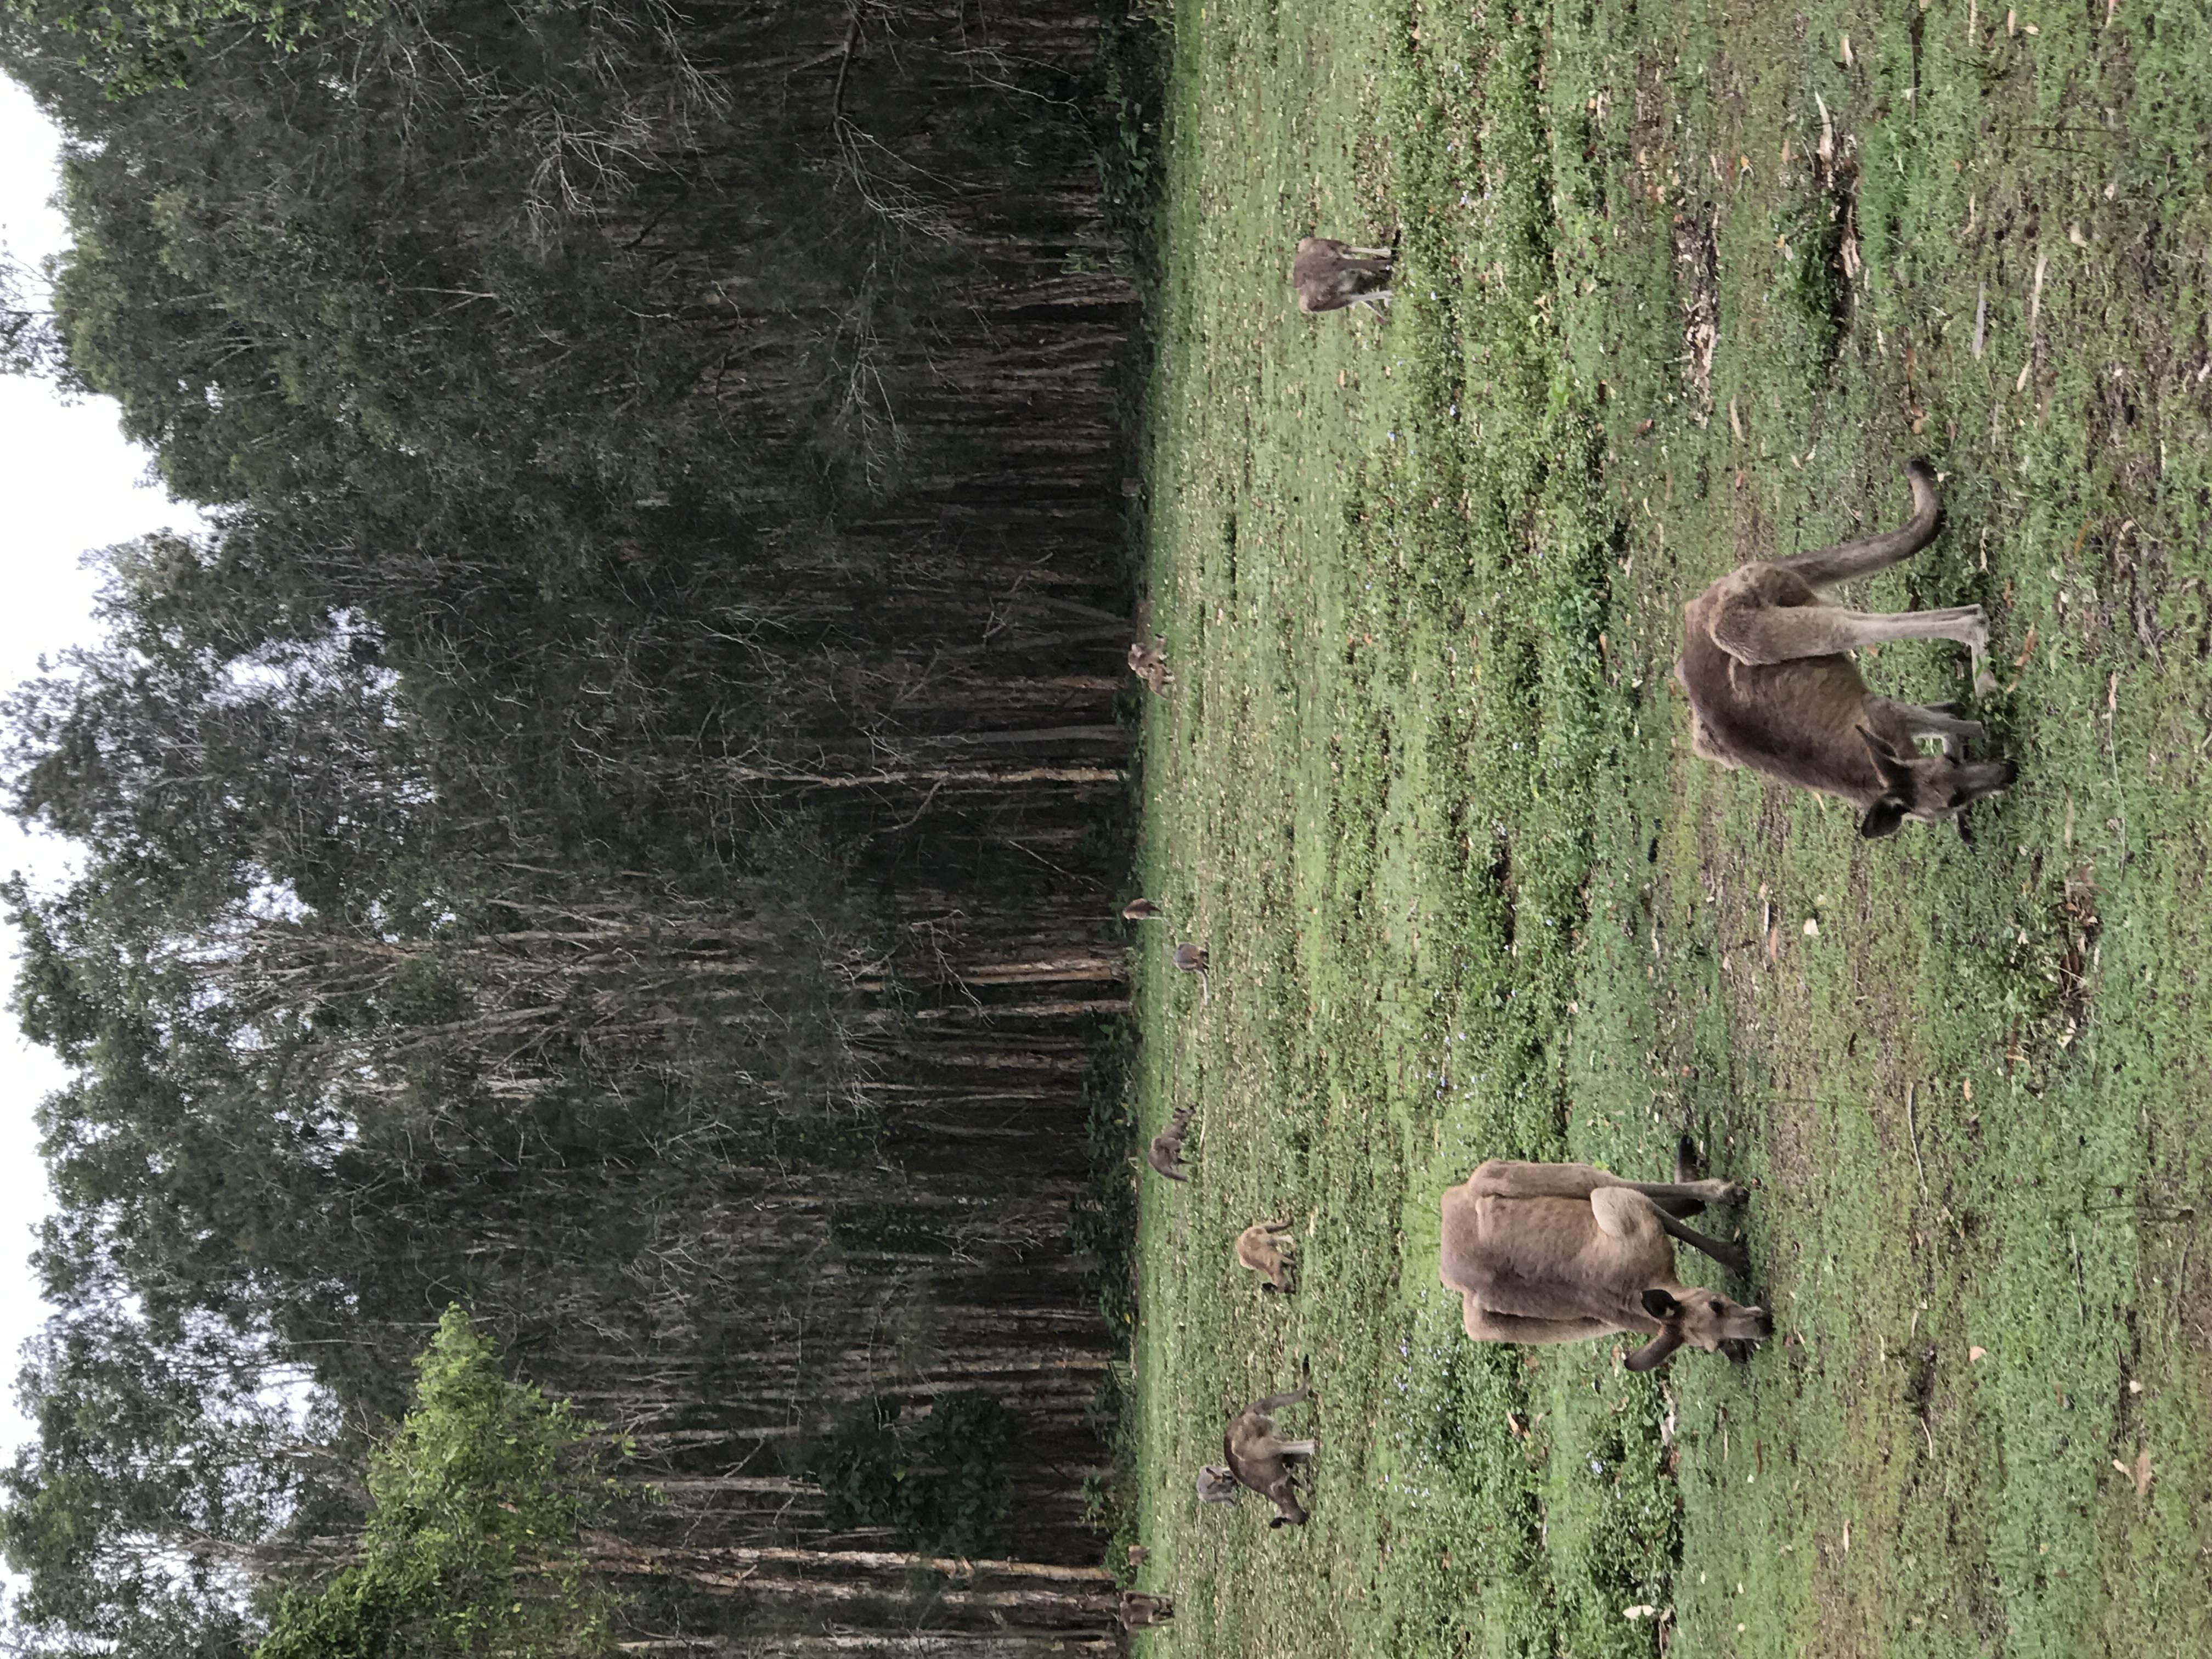 ゴールドコースト自然保護区訪問